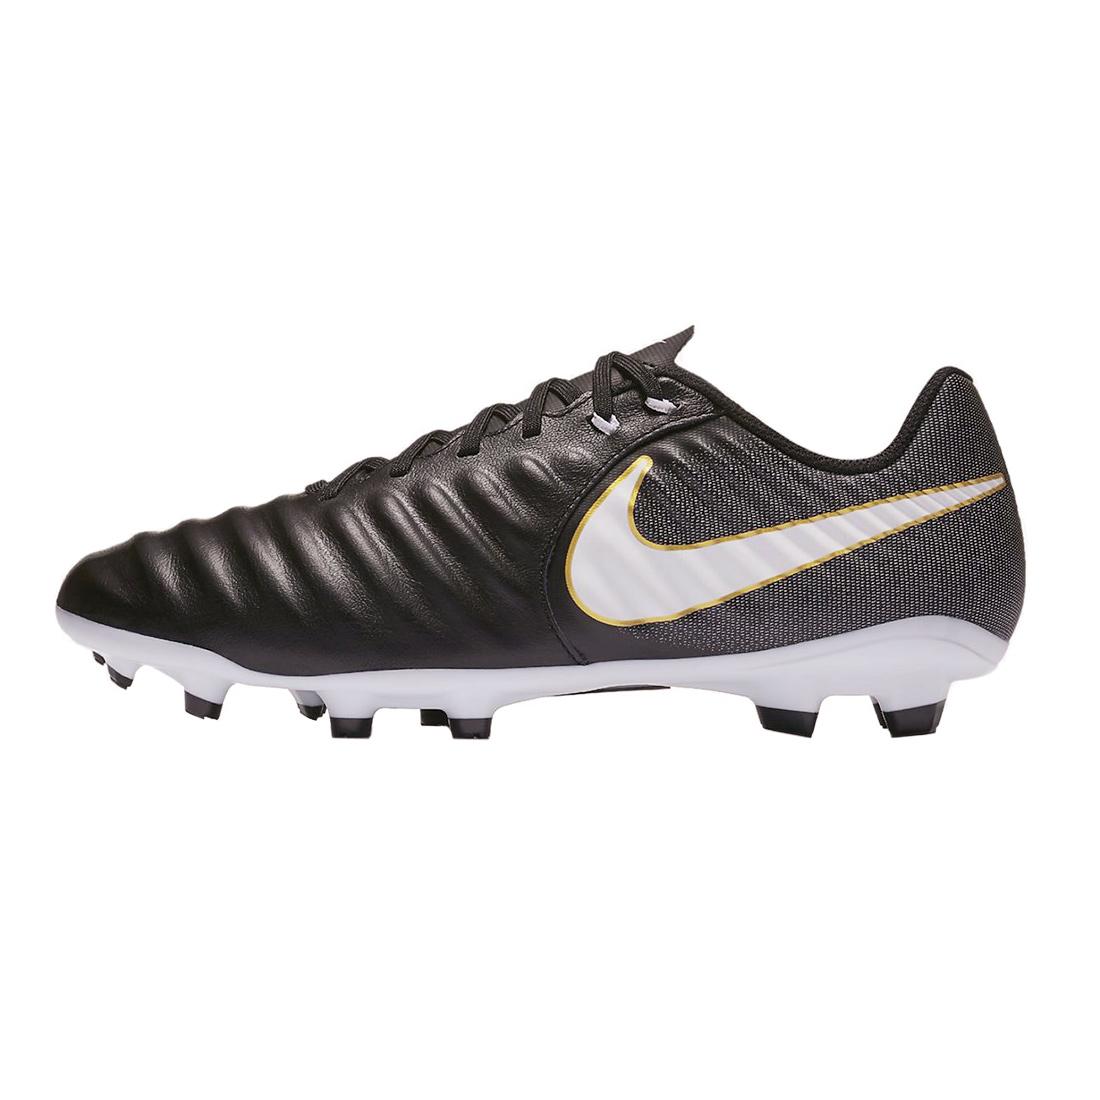 quality design 49ed1 0d886 Nike Tiempo Ligera IV FG - Herren Fussballschuhe - 897744-002 schwarz/weiß  001